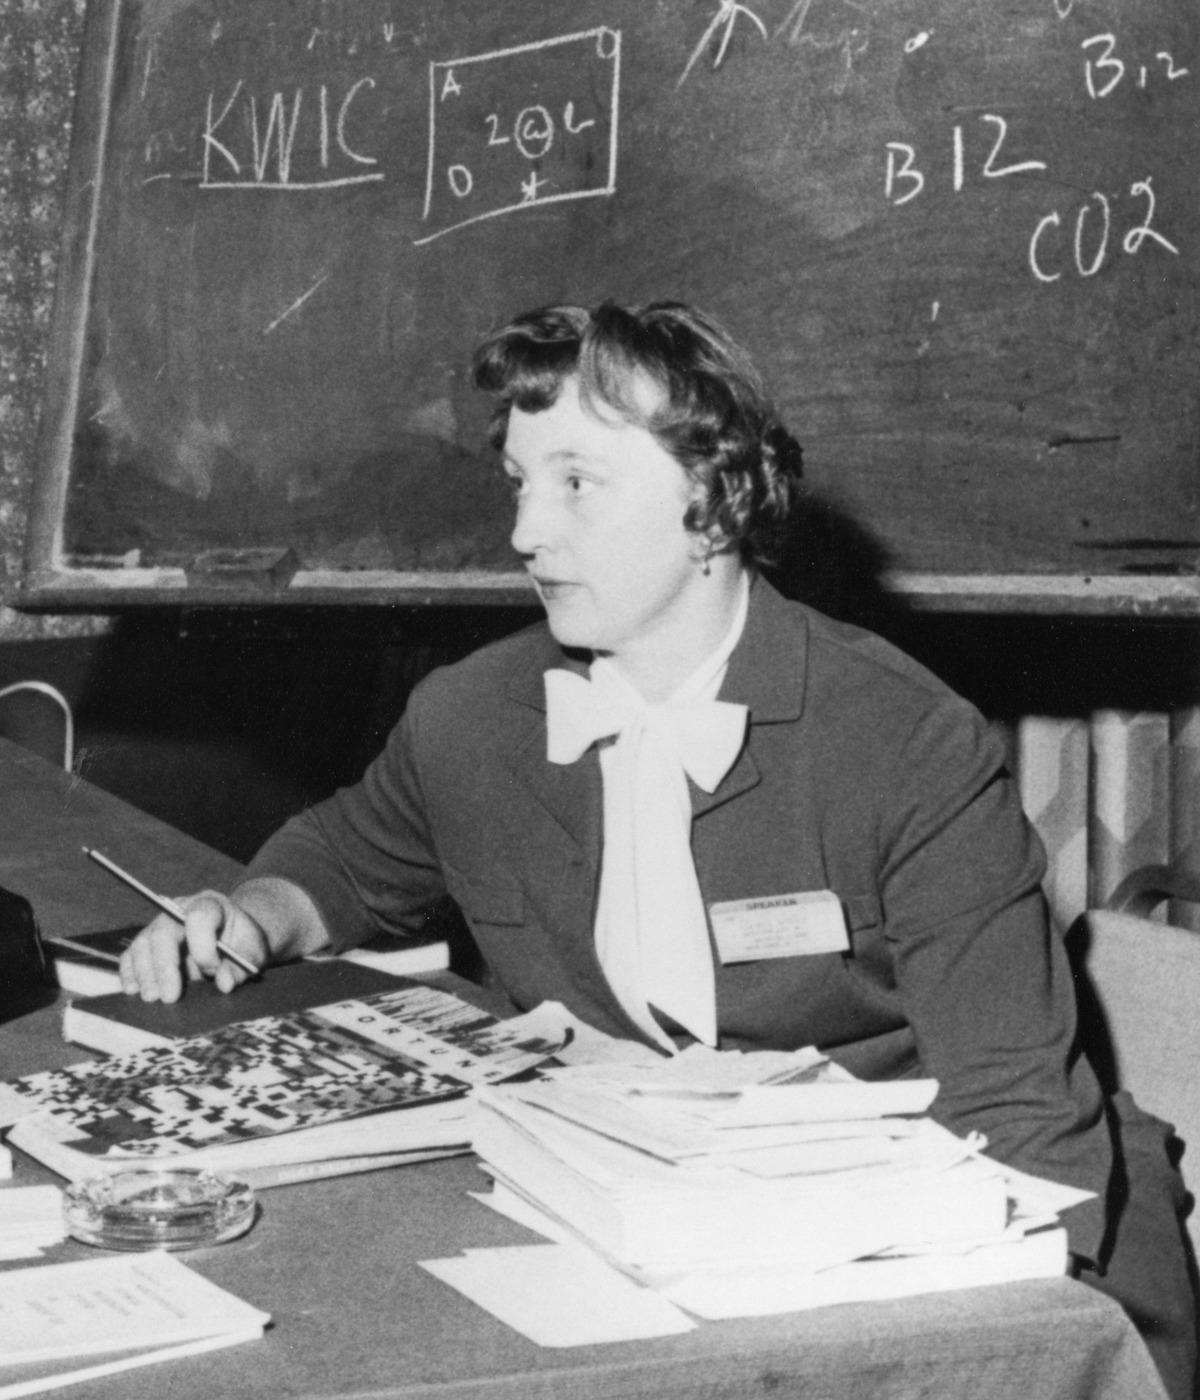 Celia Kaye forecasting